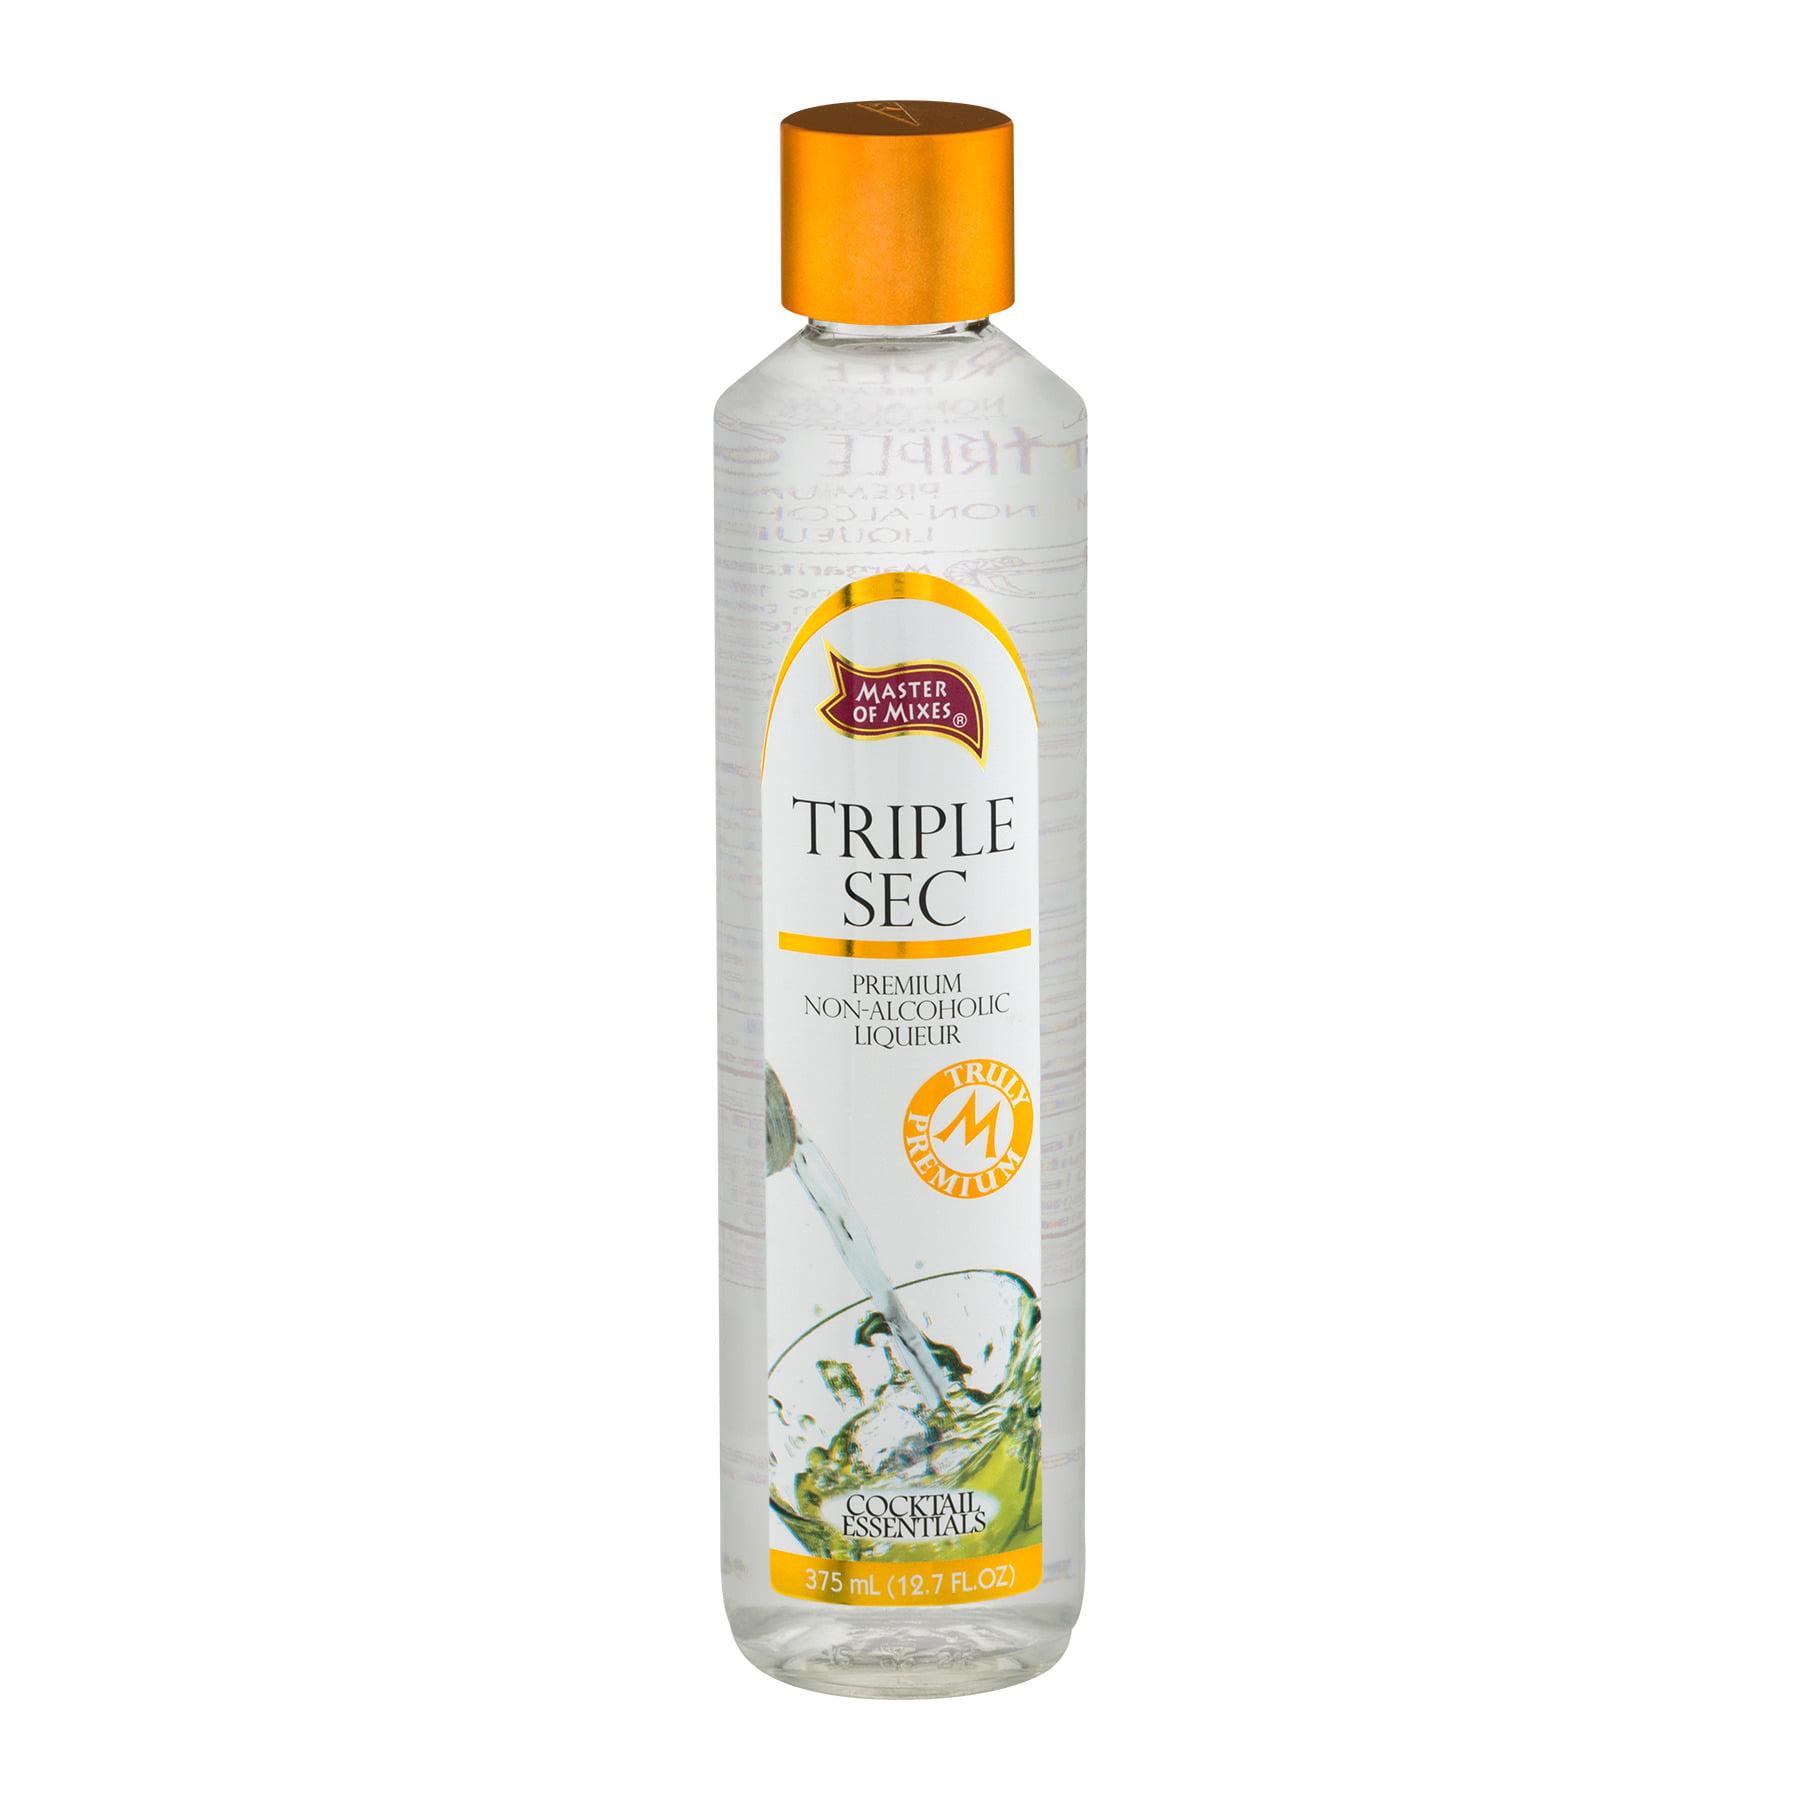 Master of Mixes Triple Sec Premium Non-Alcohlic Liqueur, 375.0 ML